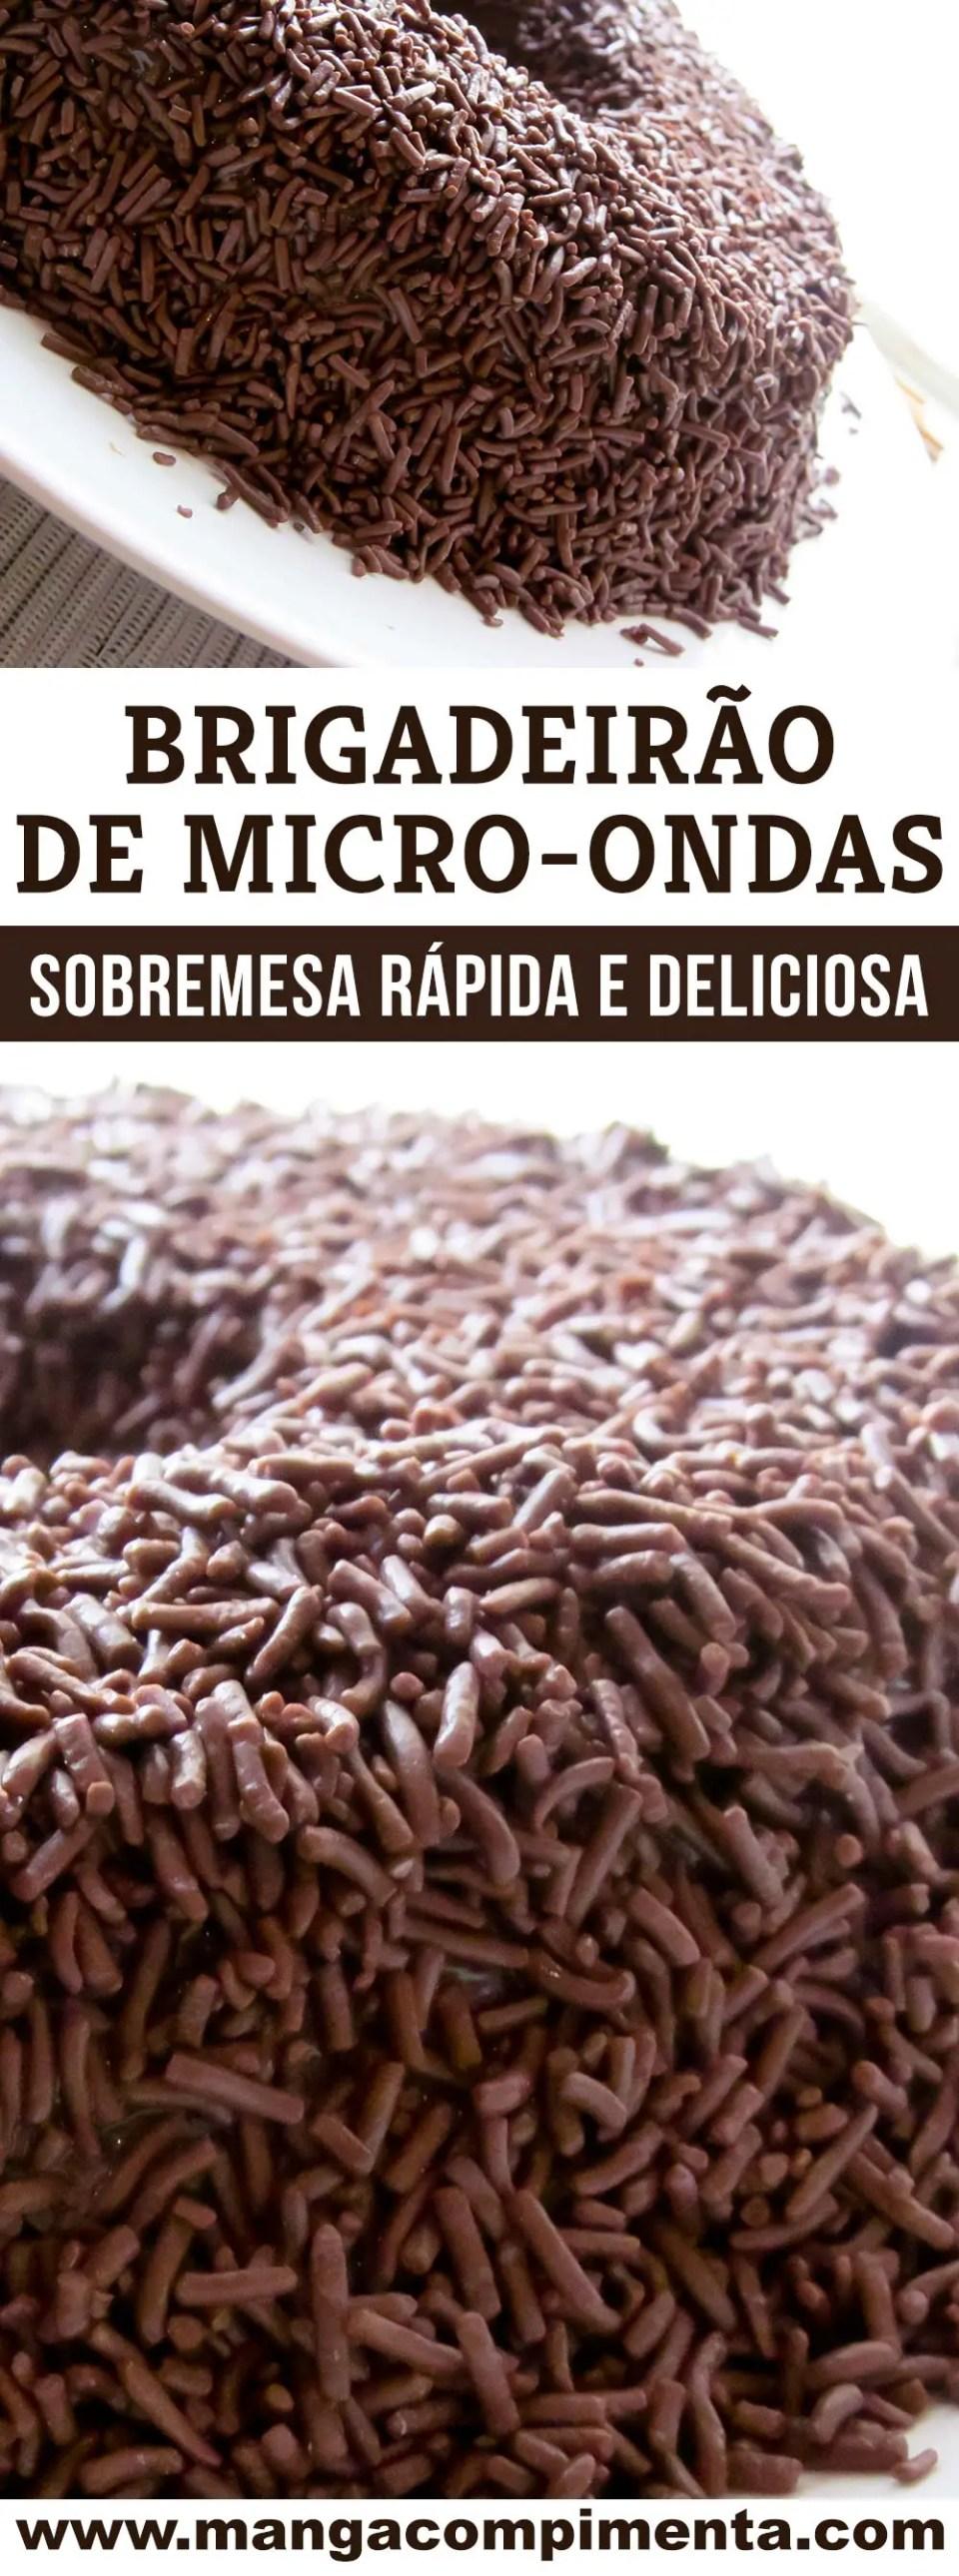 Brigadeirão de Micro-ondas | A melhor sobremesa de chocolate!